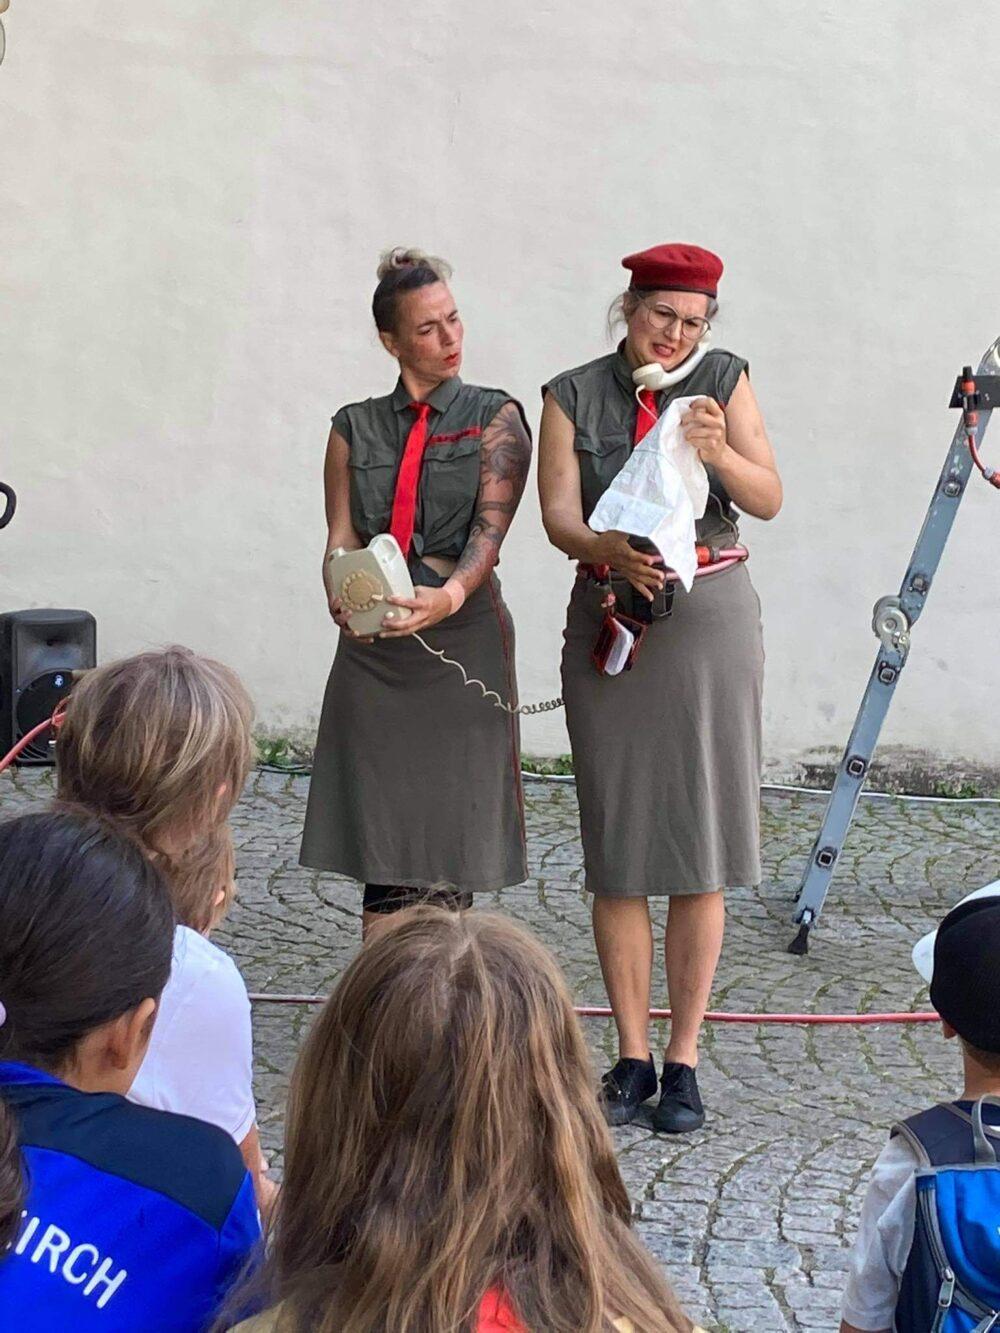 Auftritt der beiden Feuerwehrfrauen in